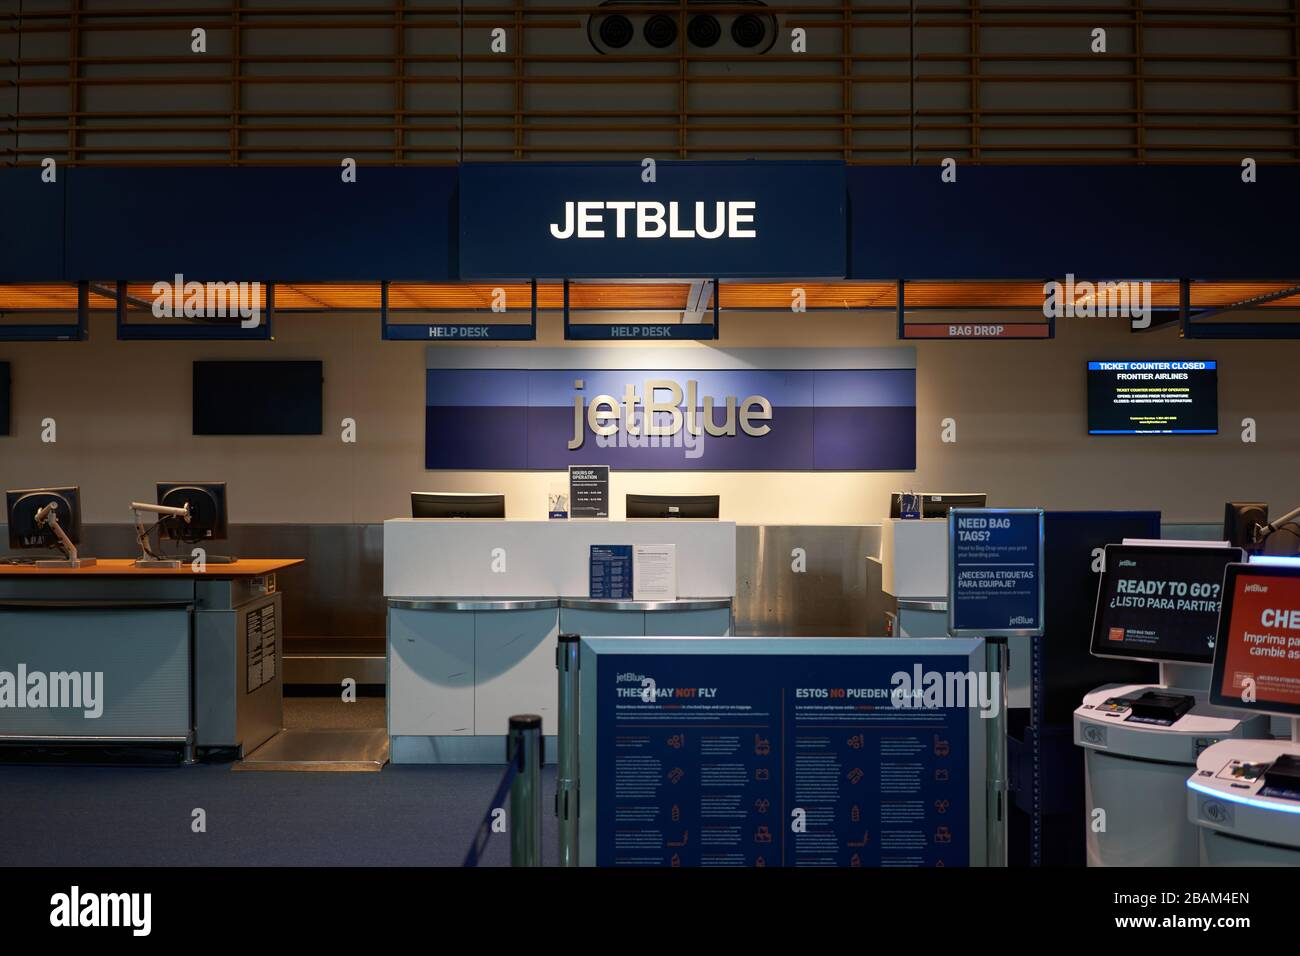 El mostrador de facturación de la aerolínea estadounidense de bajo coste JetBlue Airways en el aeropuerto internacional de Portland está cerrado por la noche el 16 de febrero de 2020. Foto de stock